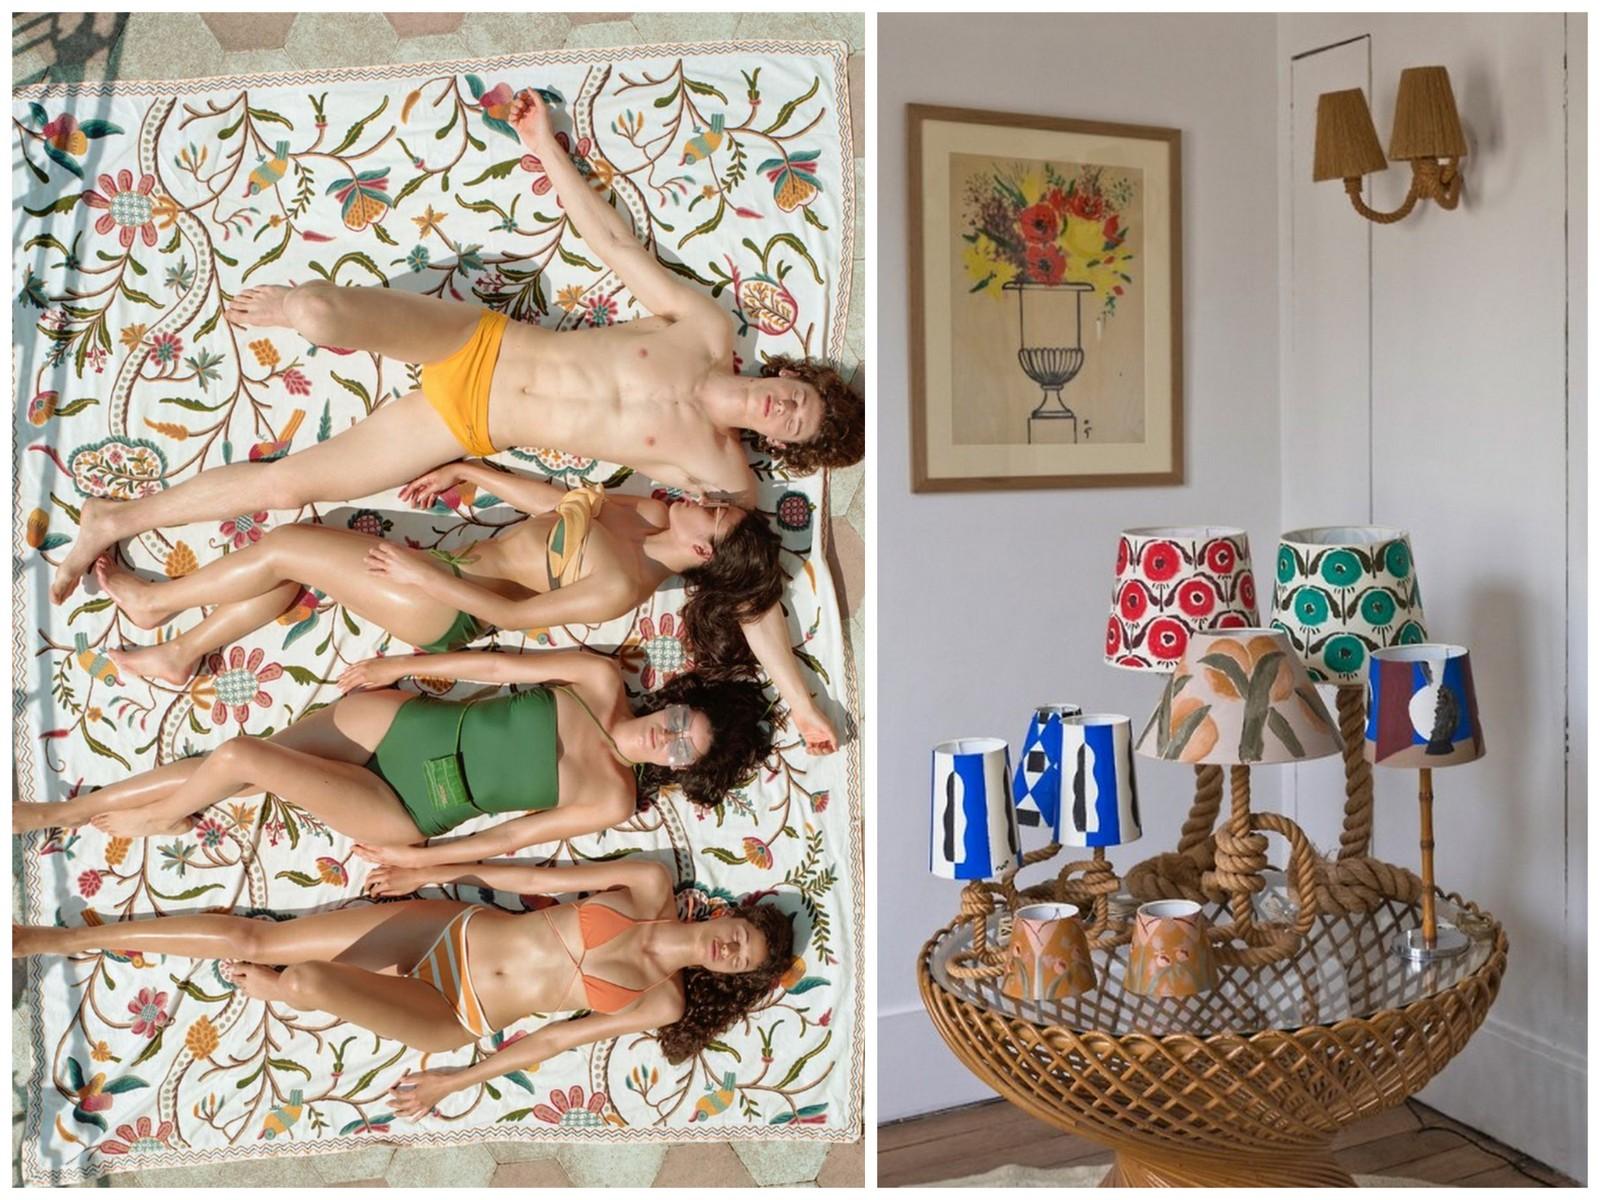 jeanne signoles,l'uniform,l'ensoleille,moodboard,inspiration,costra brava,espagne,méditerranée,serge castels,jacquemus,jaune,soleil,mer,céramiques,calanques,bleu,mobilier,vintage,années 70